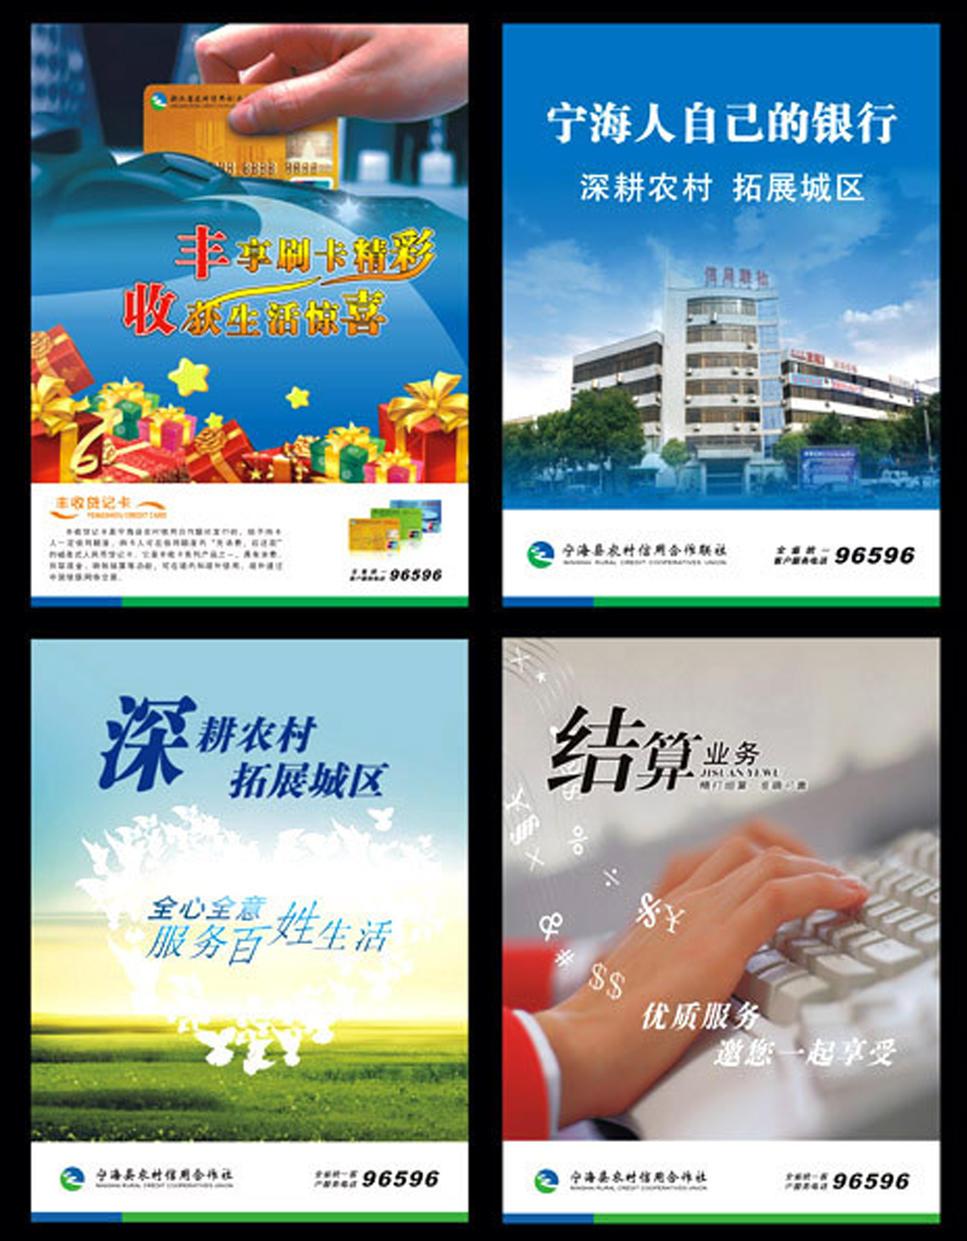 農業合作銀行.jpg